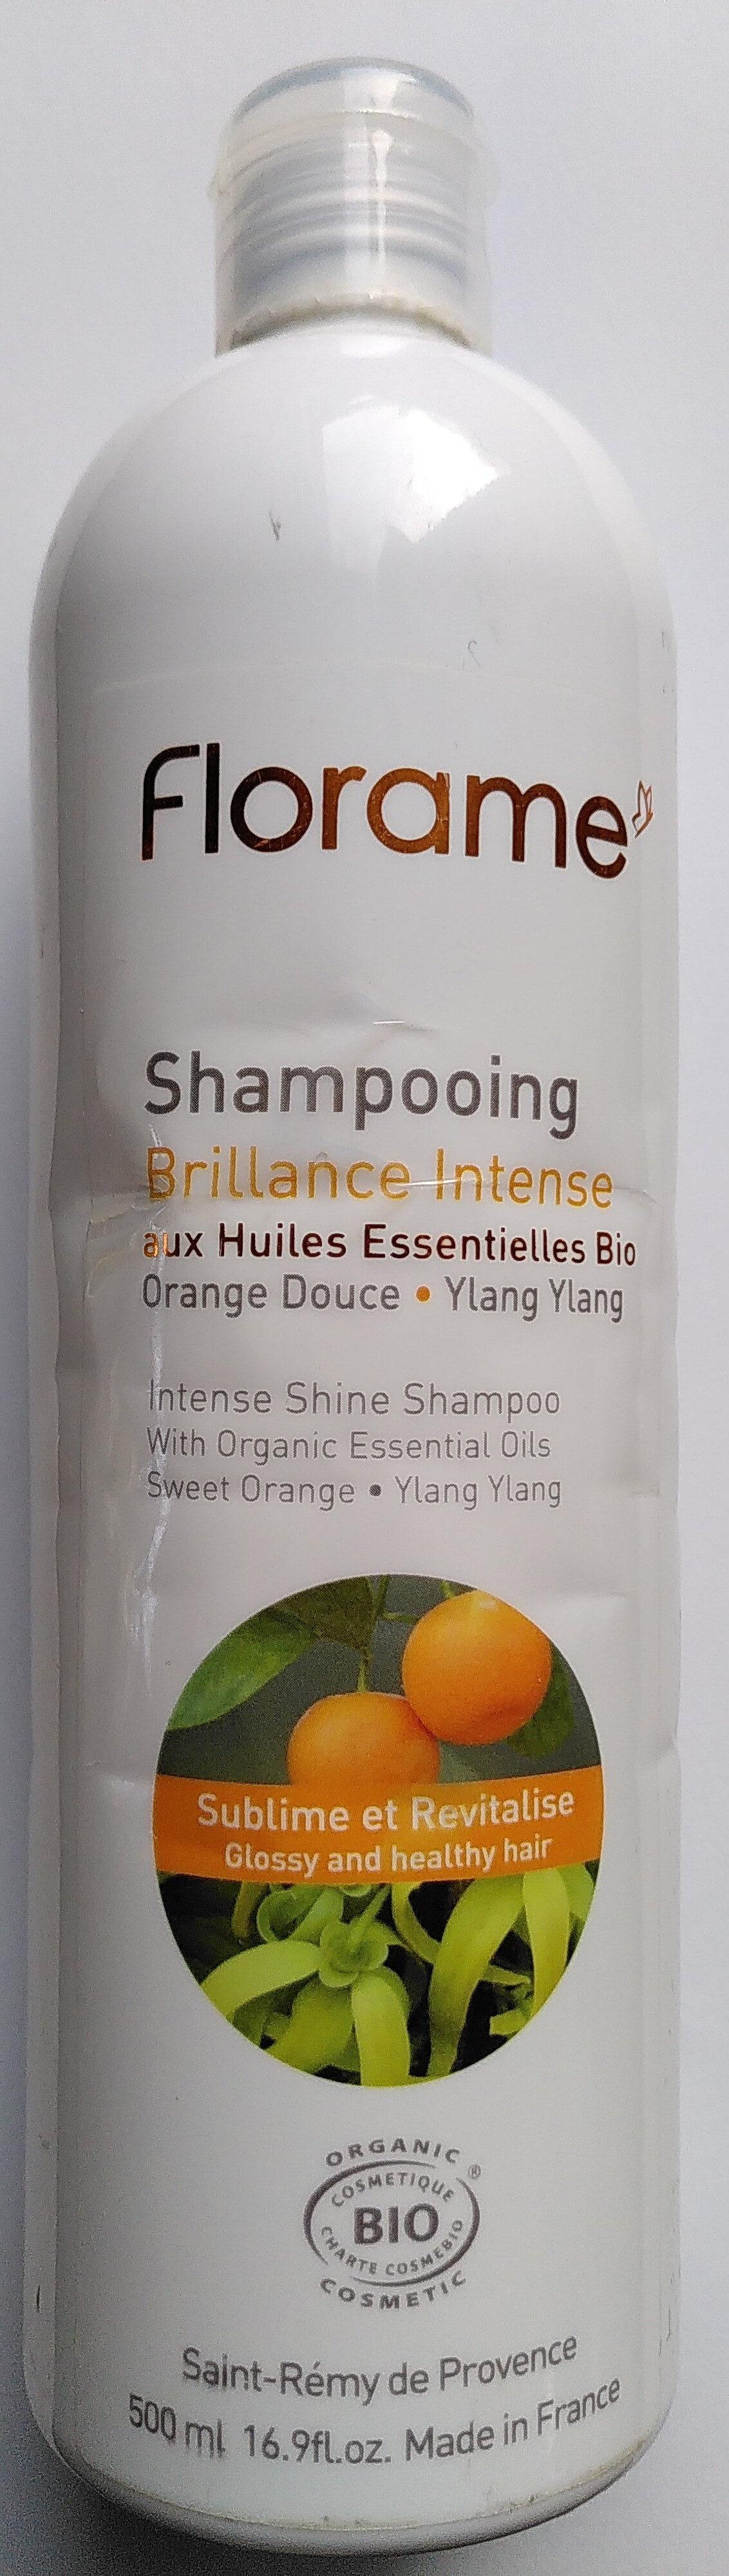 Shampooing Brillance Intense aux huiles essentielles bio - Produit - fr